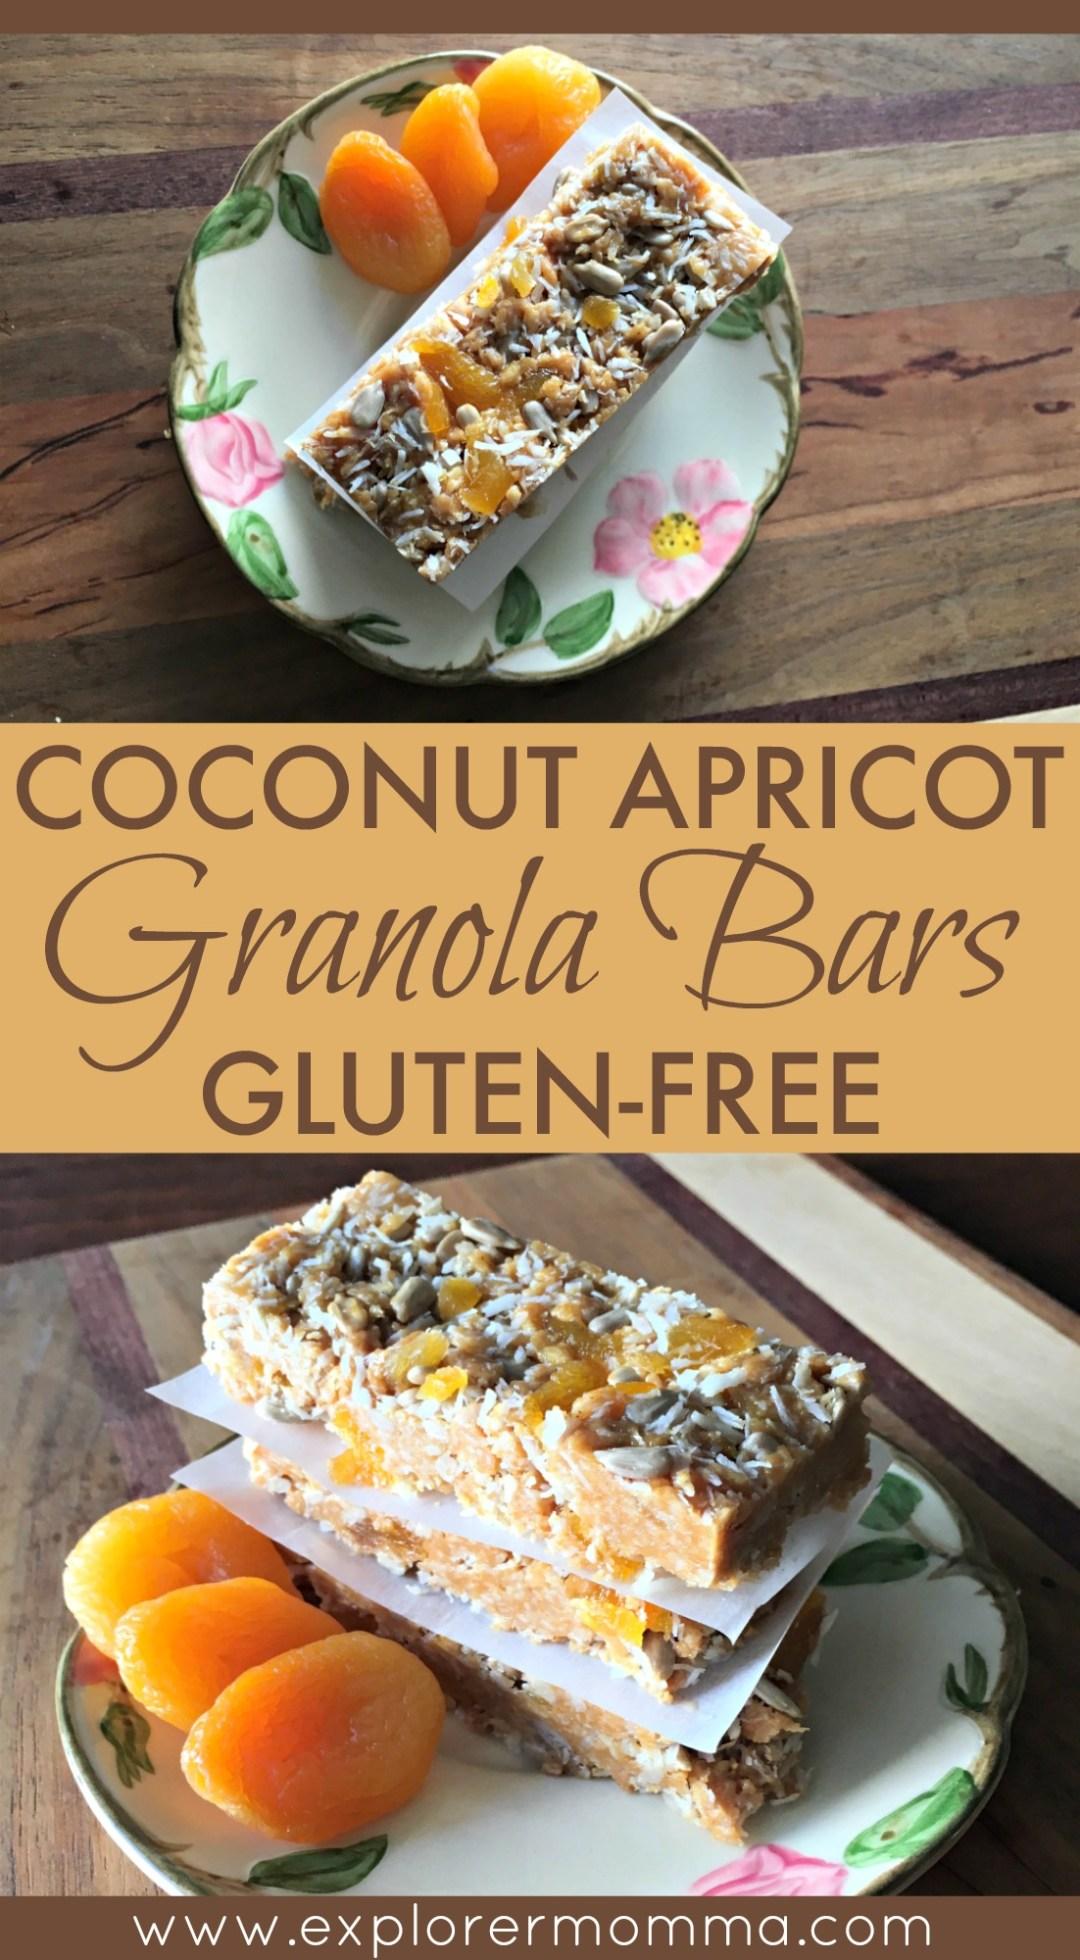 Coconut Apricot Gluten Free Granola Bars | Explorer Momma